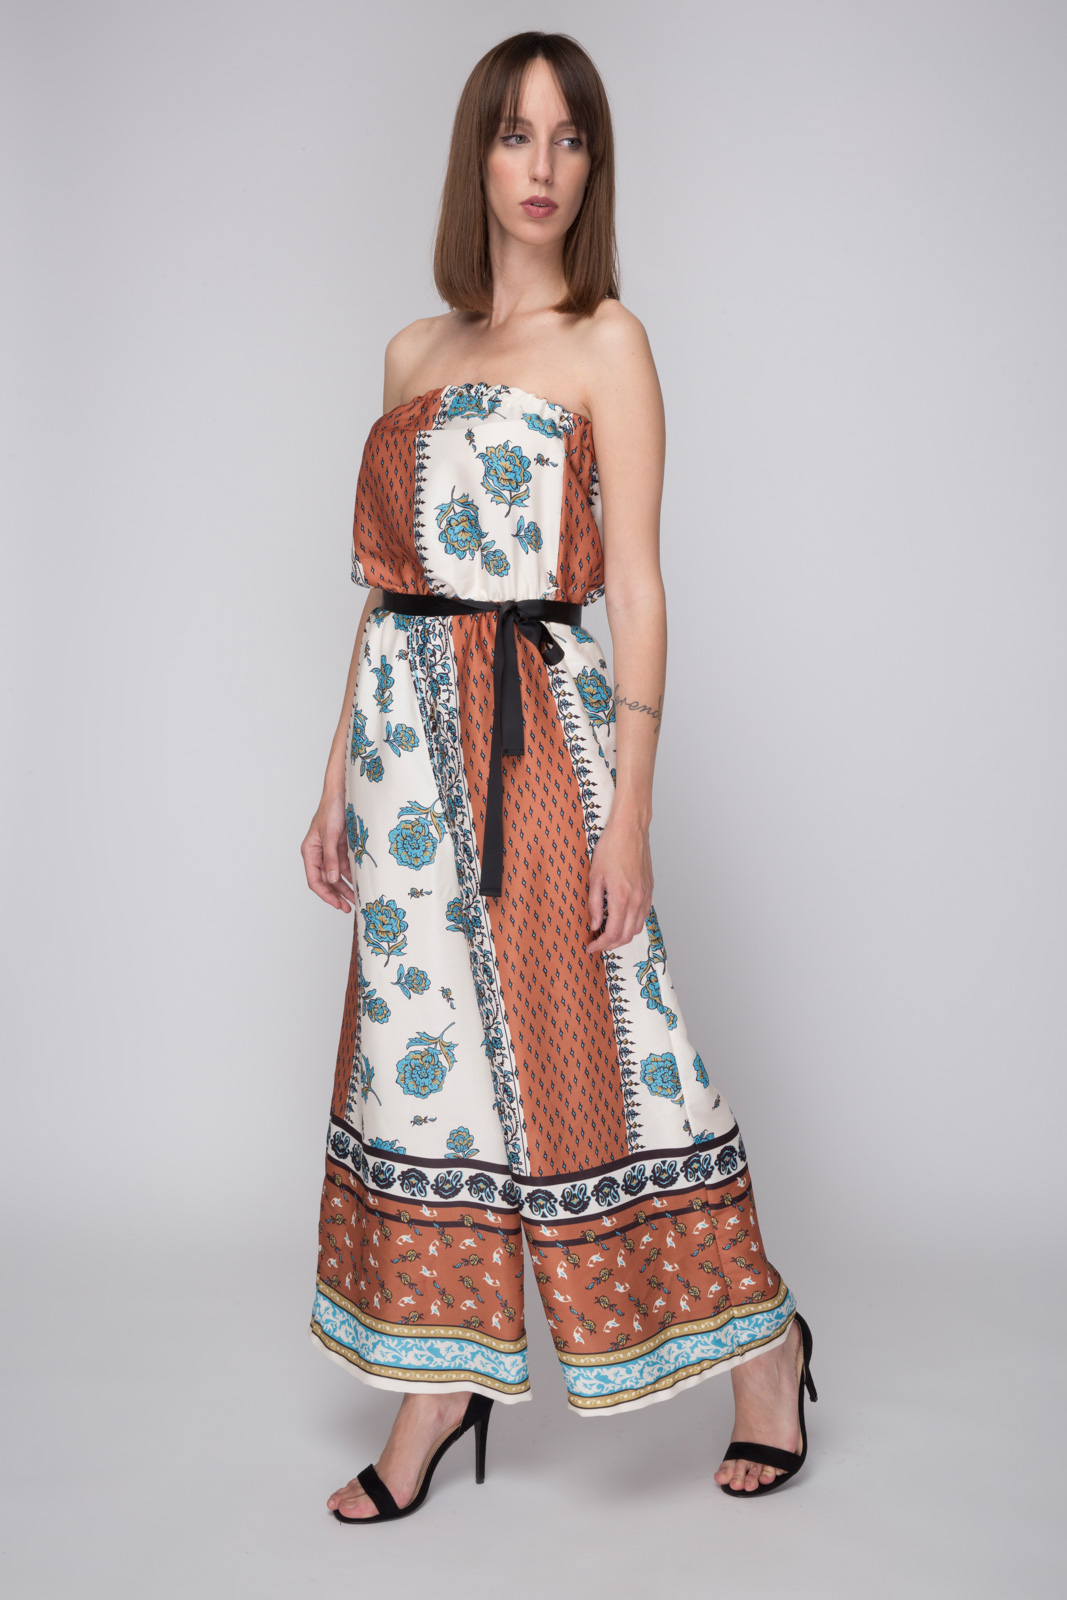 Γυναικεία Φορέματα χρώματος ΚΟΡΑΛΙ  51c9042cb77